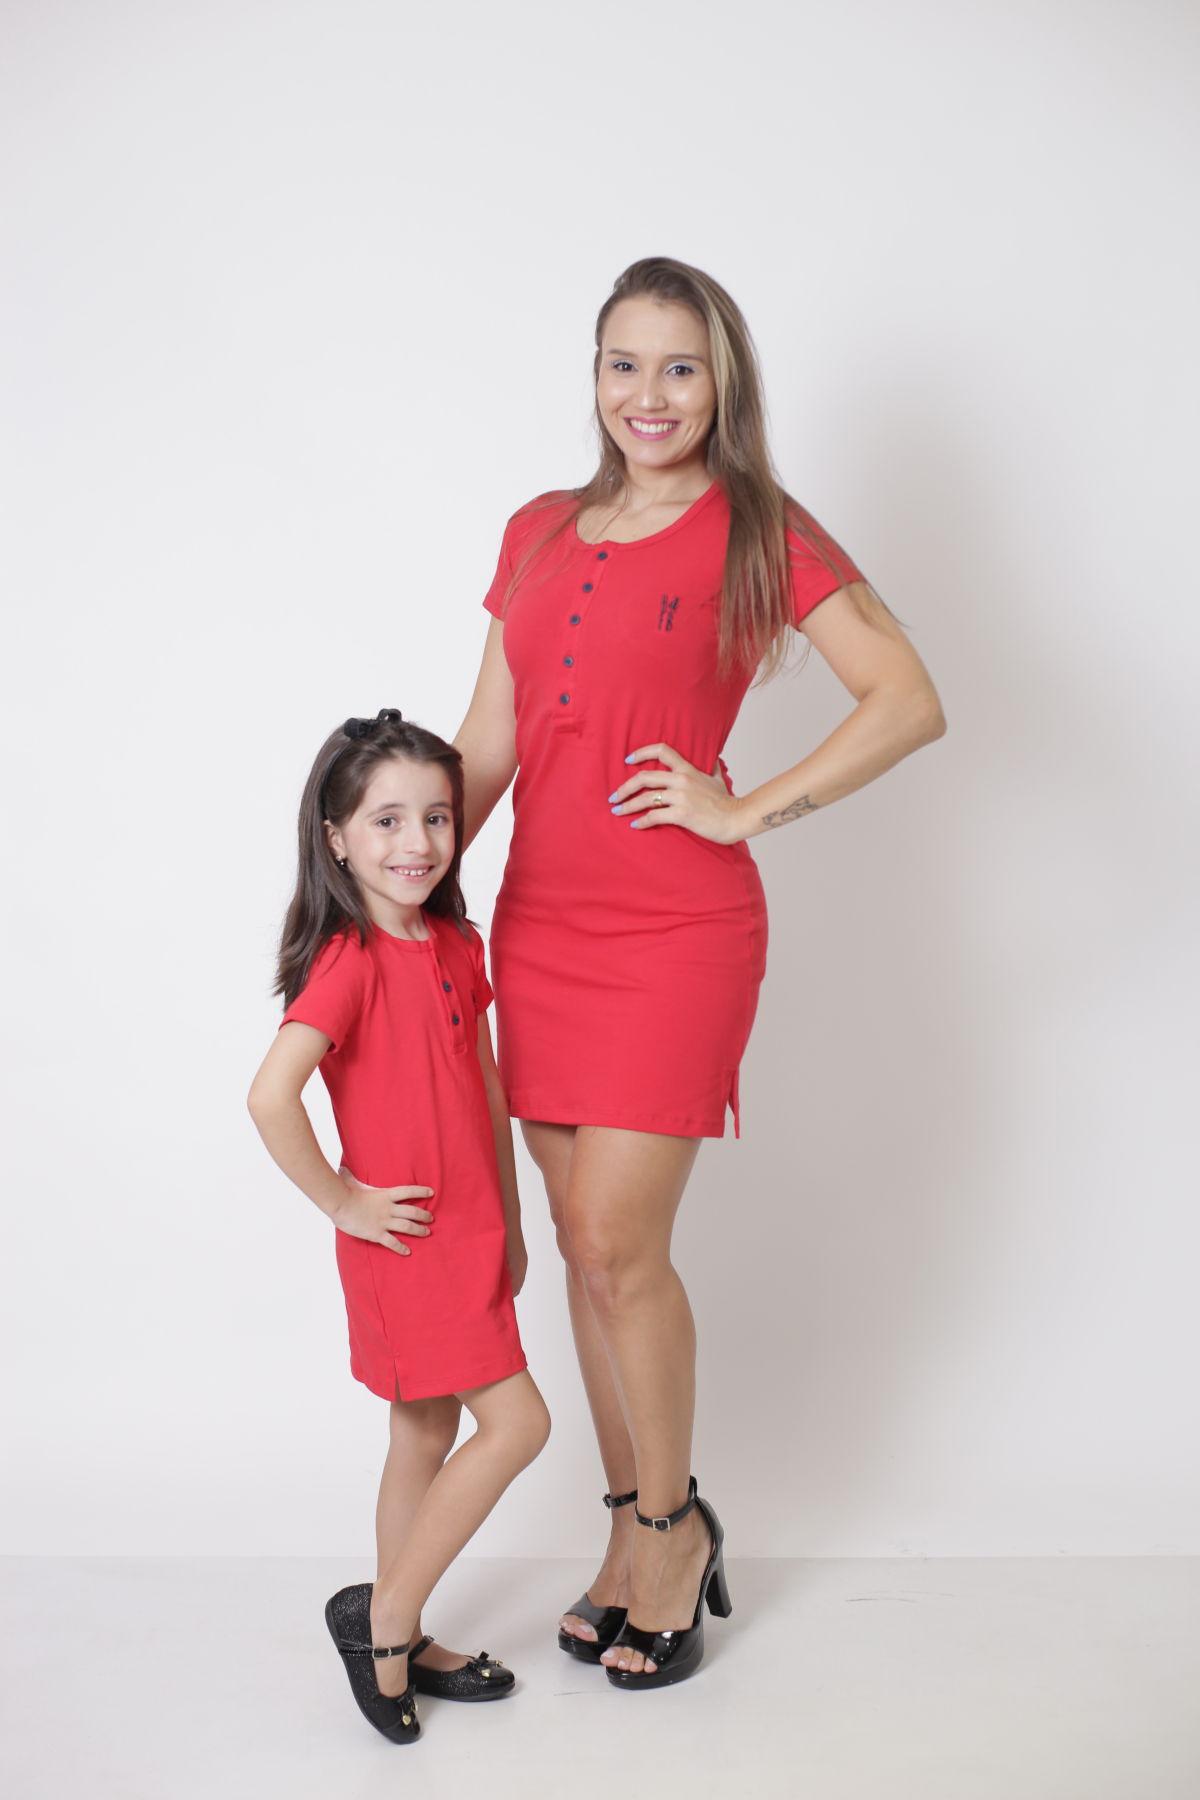 MÃE E FILHA > Kit Vestidos Henley - Vermelho [Coleção Tal Mãe Tal Filha]  - Heitor Fashion Brazil